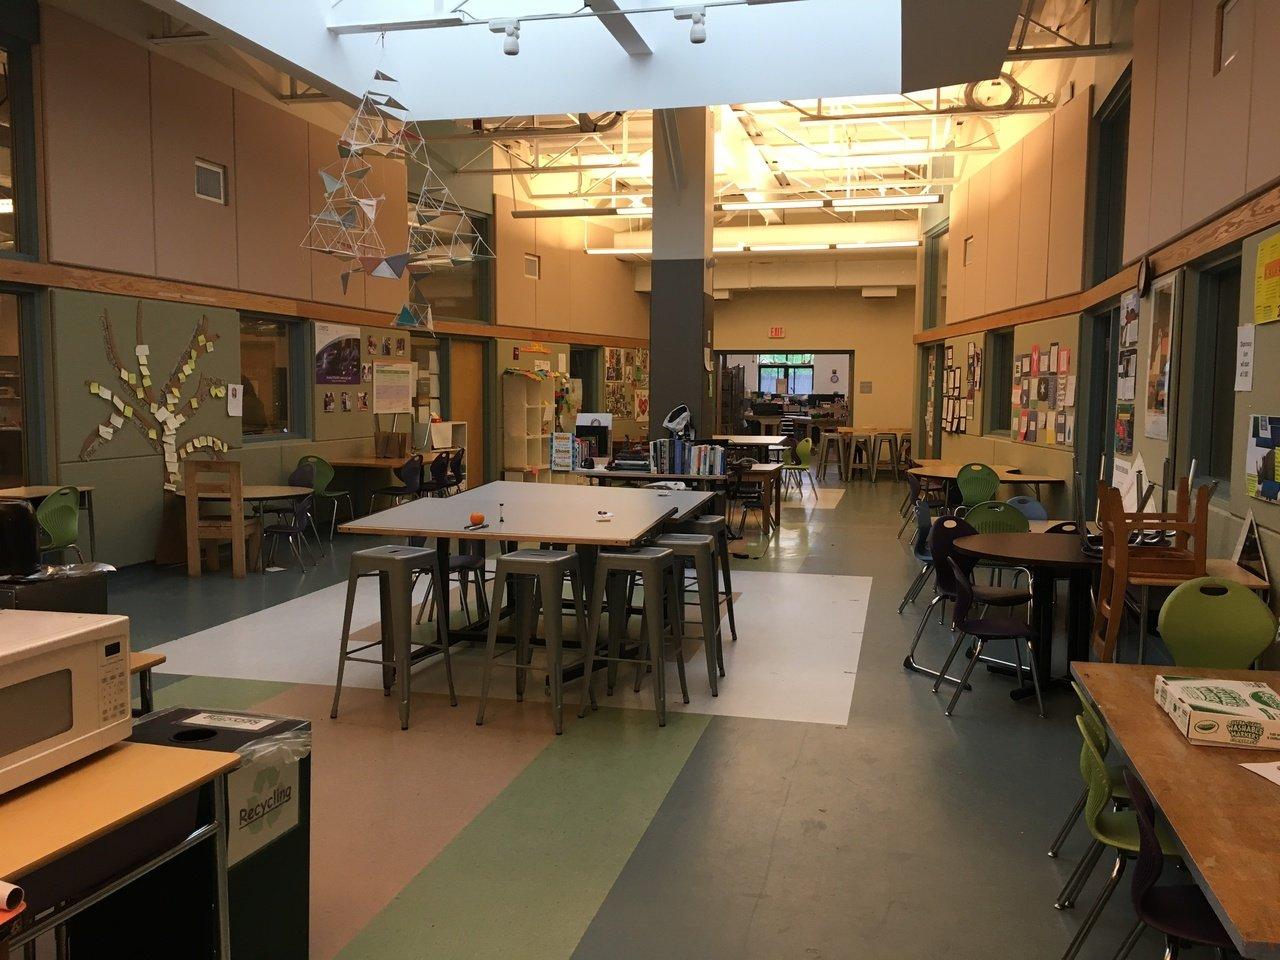 Na imagem, vista da entrada da Acera School, com várias mesas grandes.